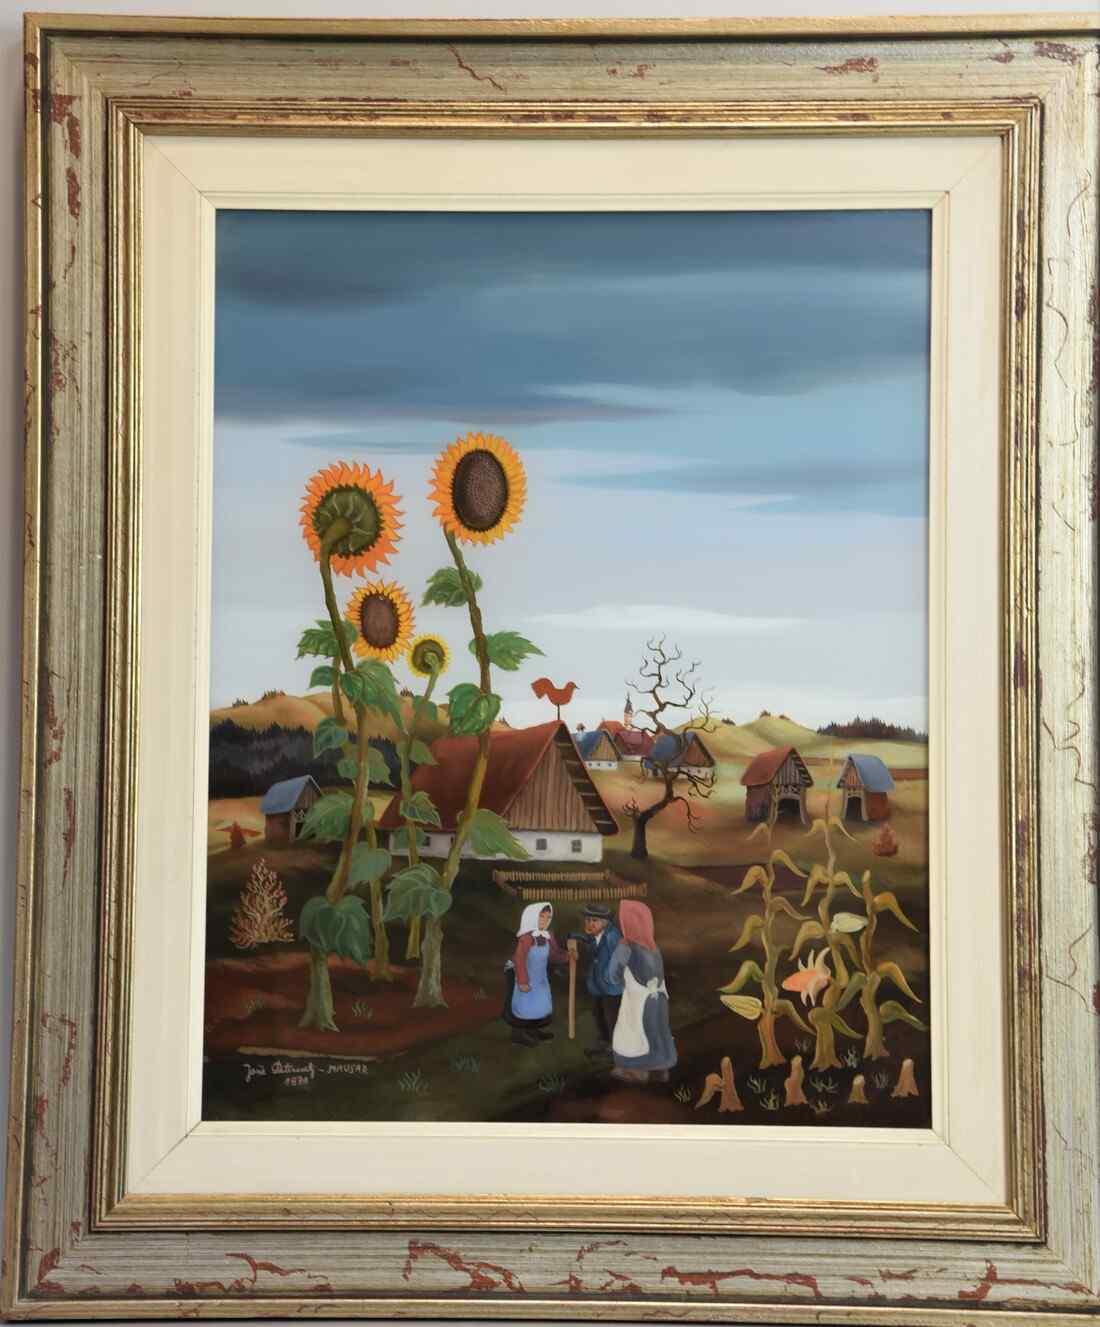 Dipinto del XX secolo – I GIRASOLI – Olio su tela